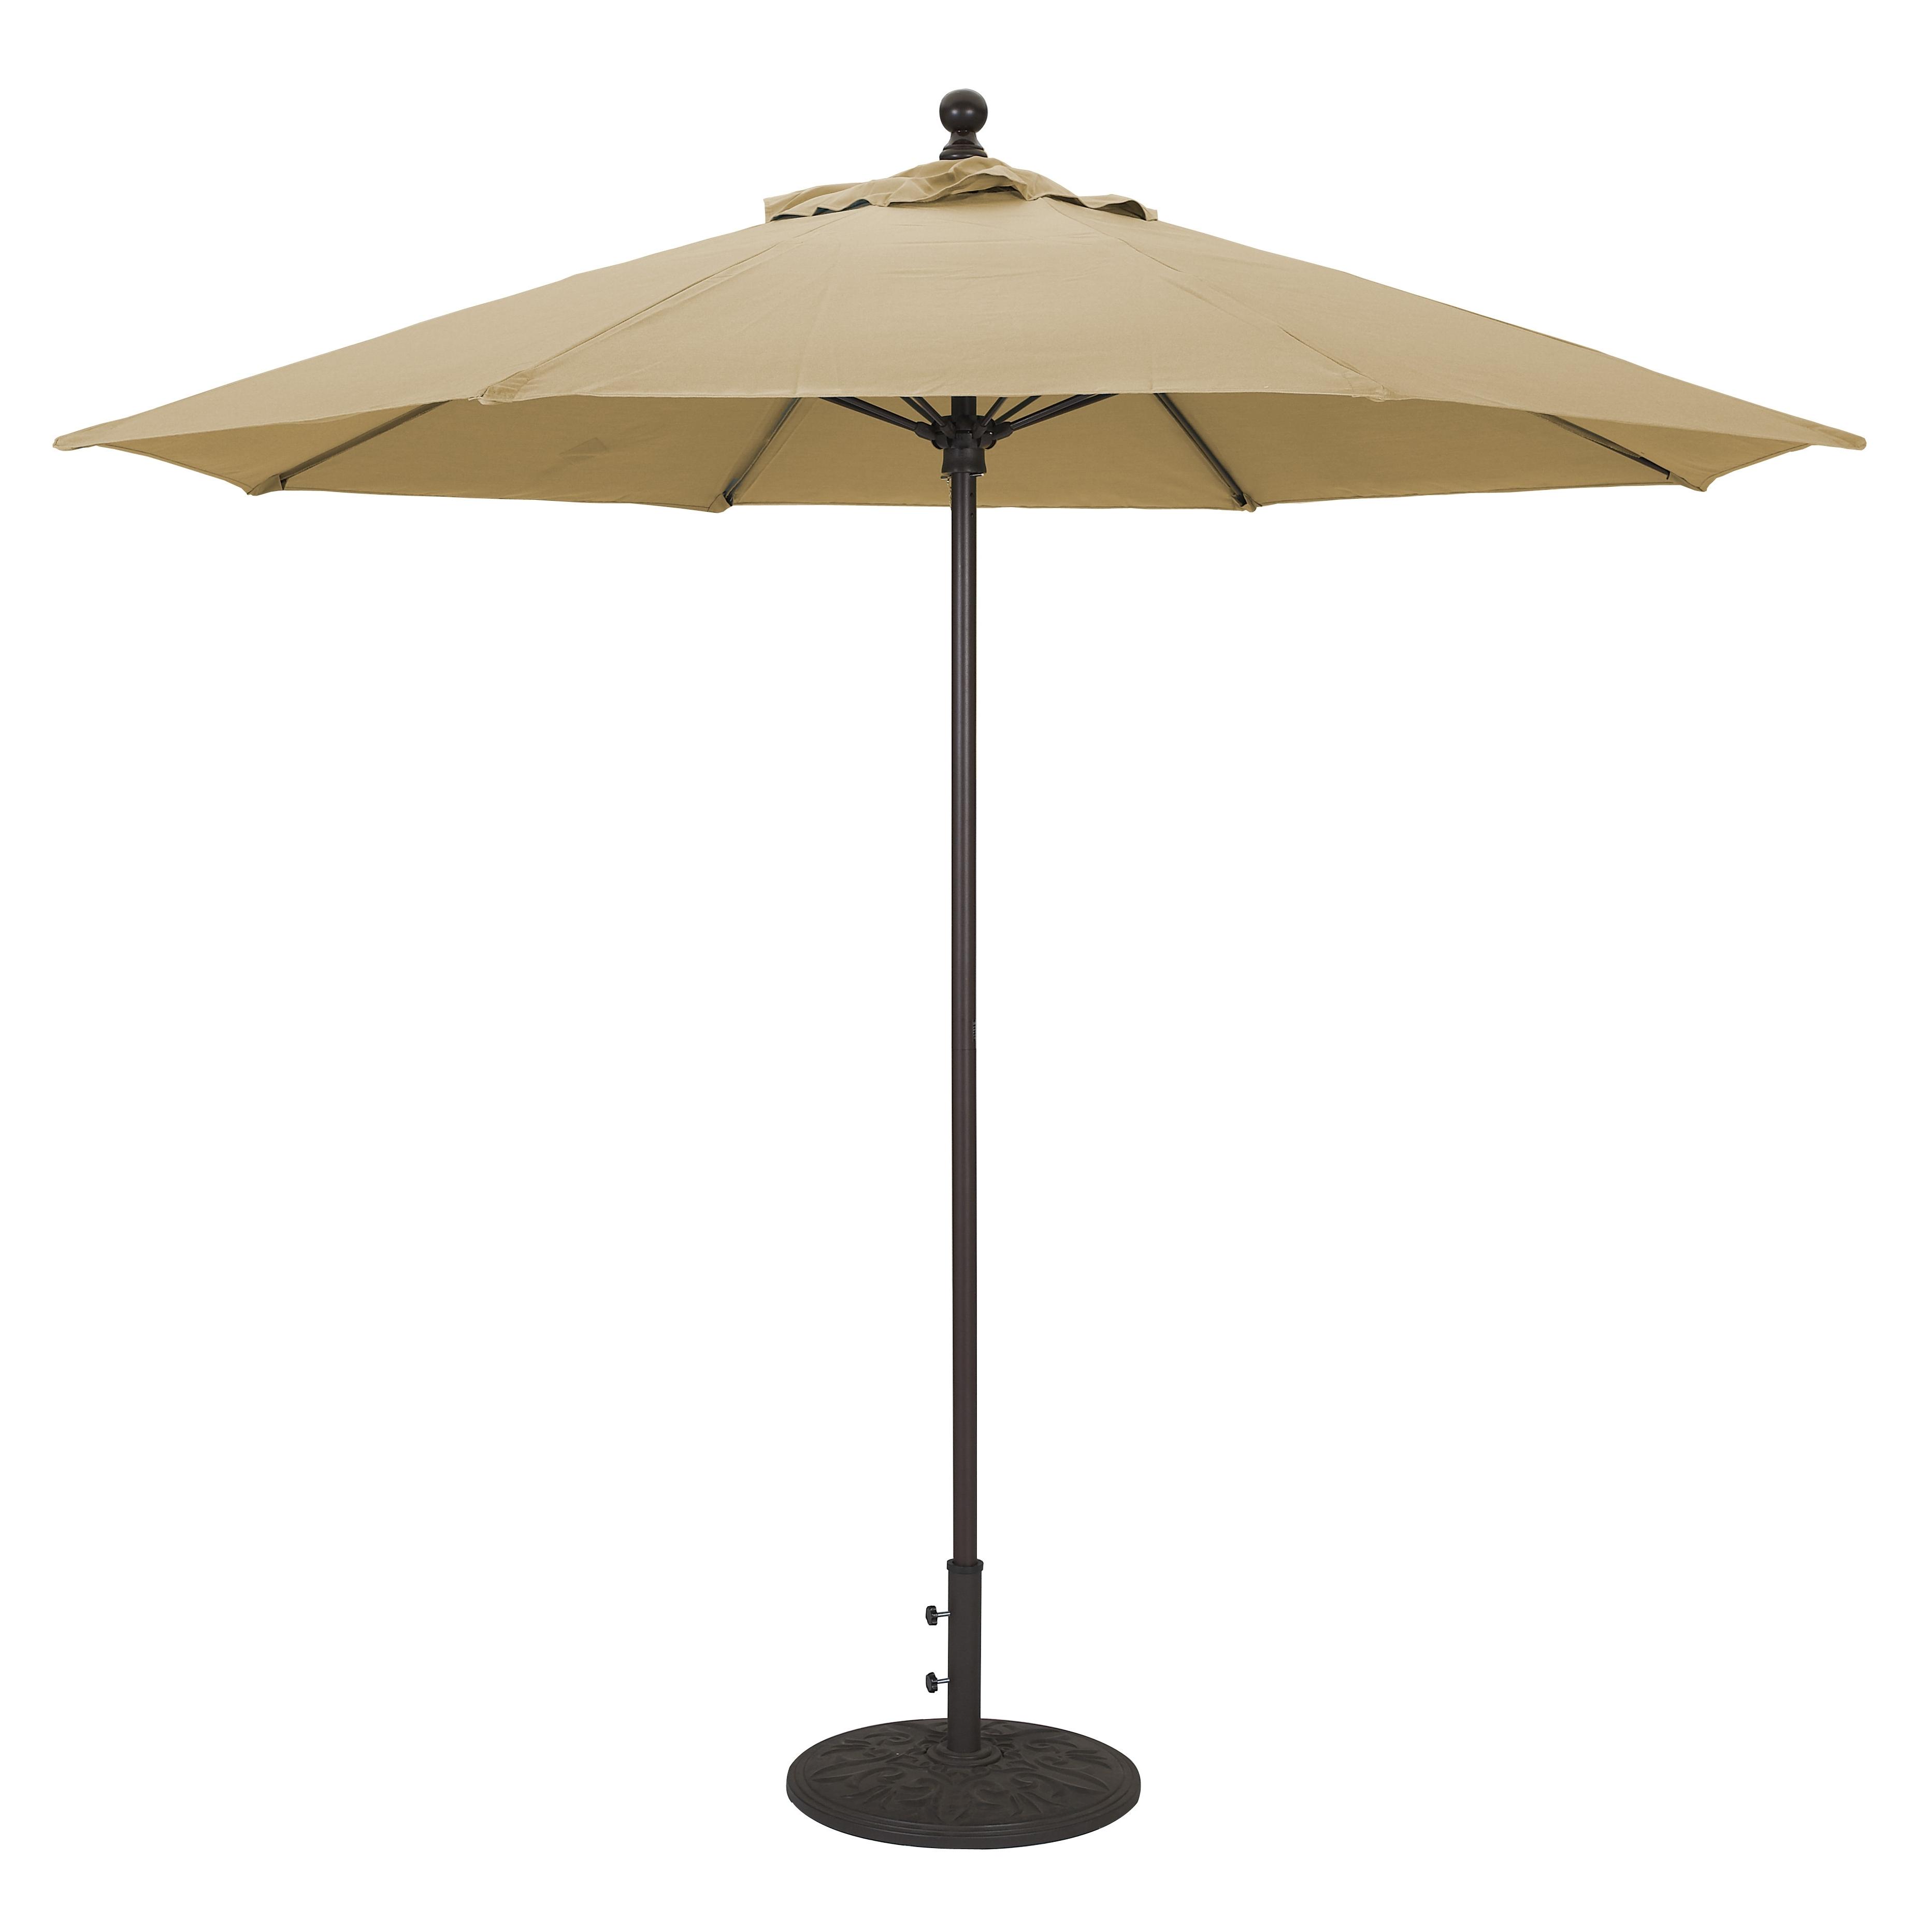 Sunbrella Umbrellas Inside 2018 Sunbrella Teak Umbrellas (View 11 of 20)